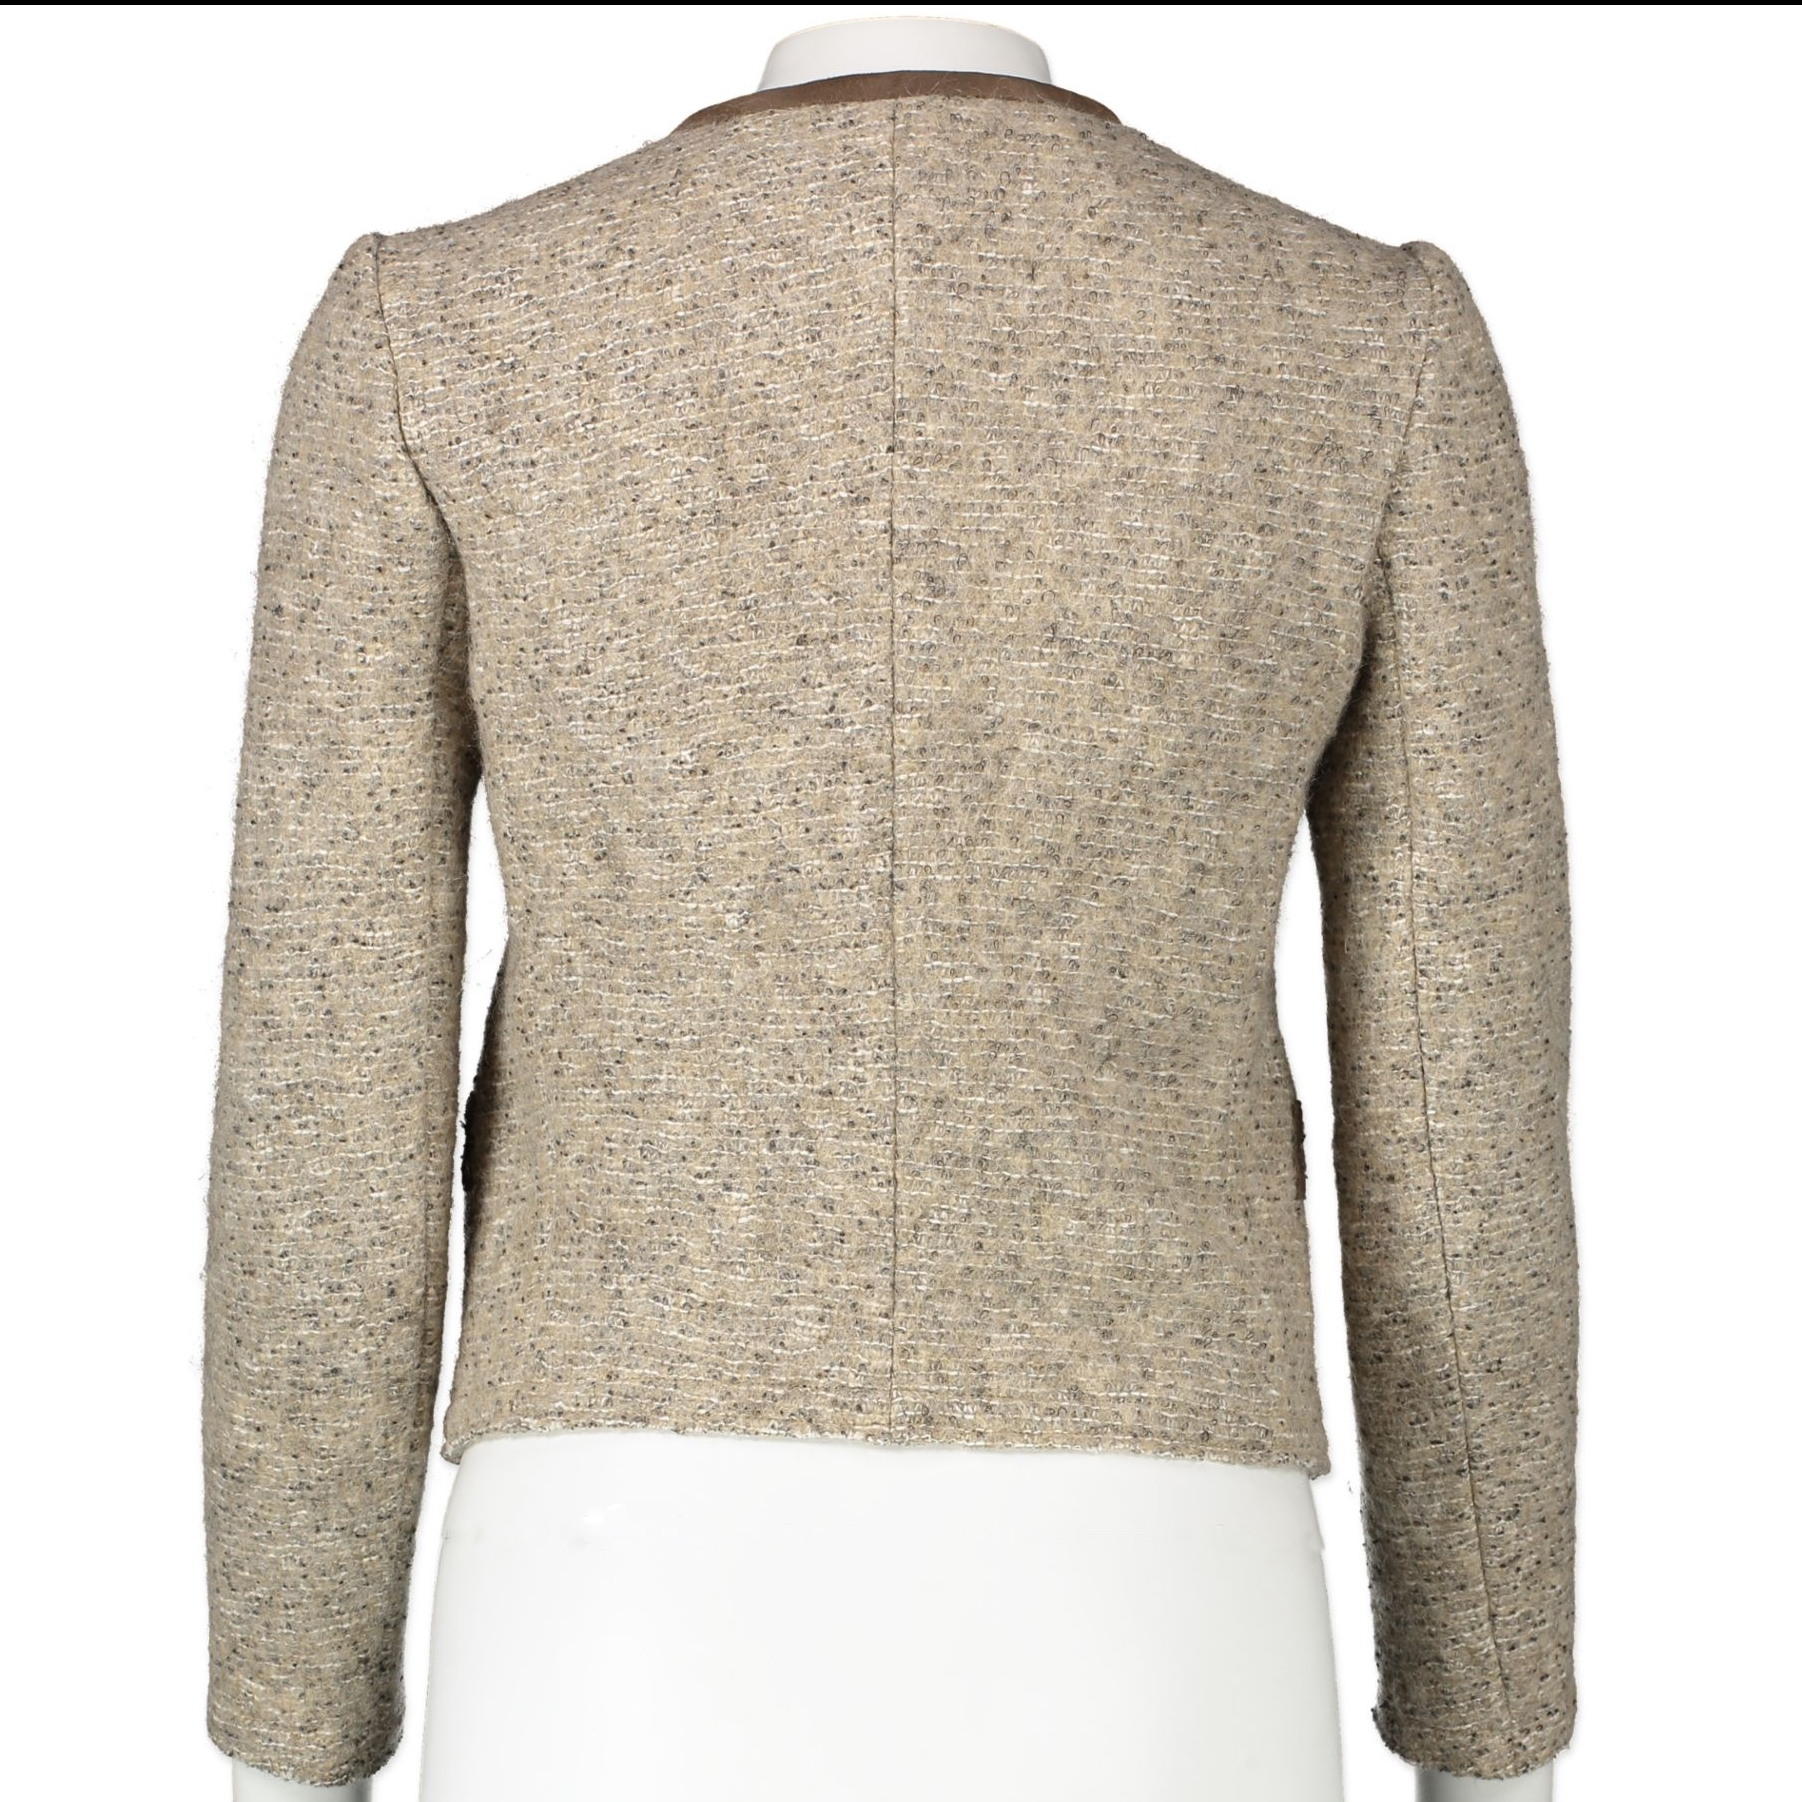 Isabel Marant Beige Jacket - SIZE 38